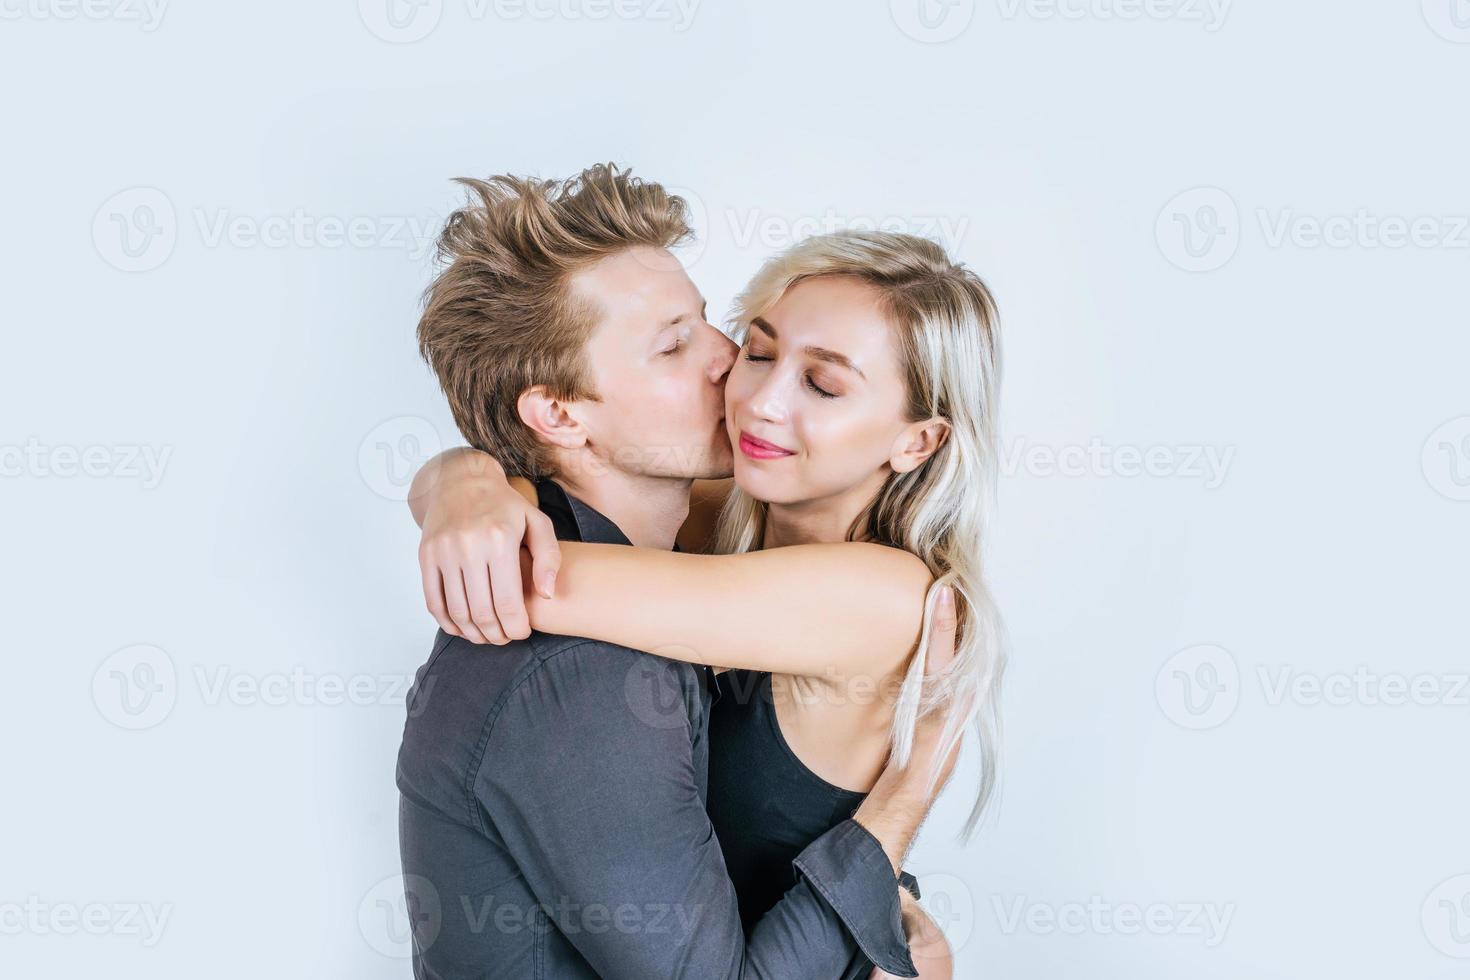 ritratto di felice coppia giovane amore insieme in studio foto